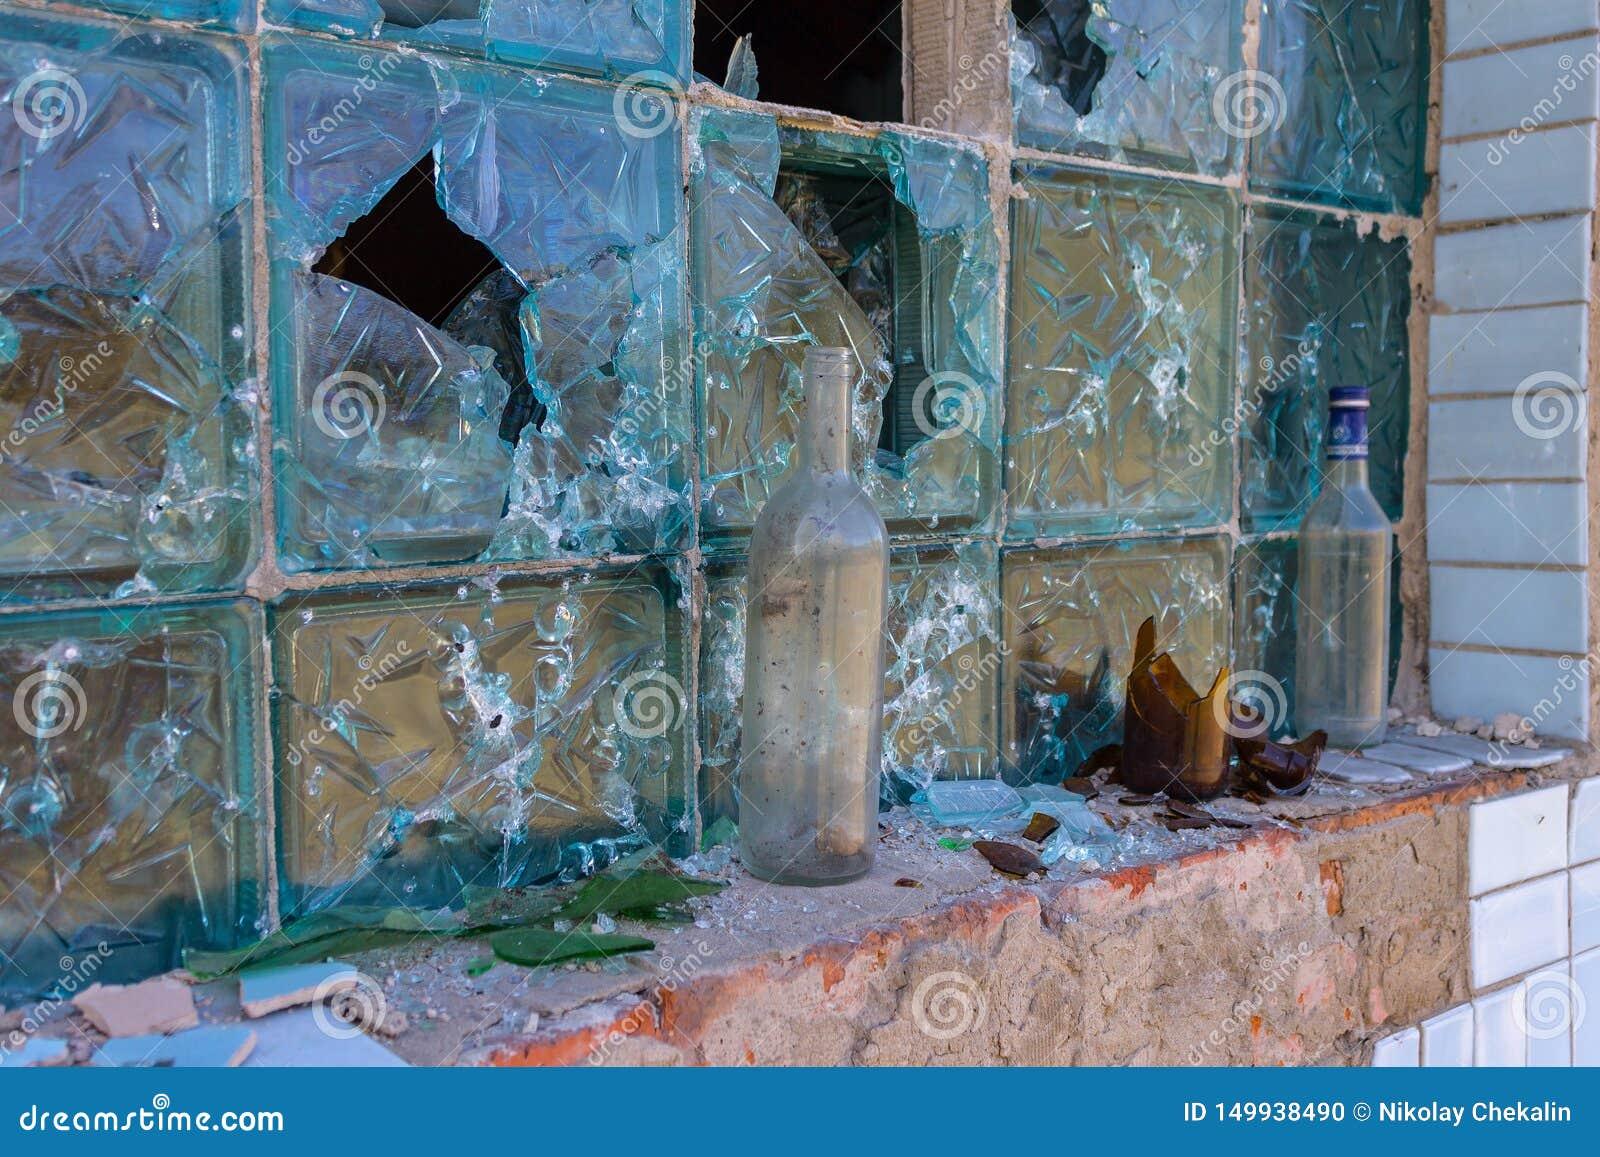 Consequências das hostilidades Traços de balas e traços de destruição na parede da construção